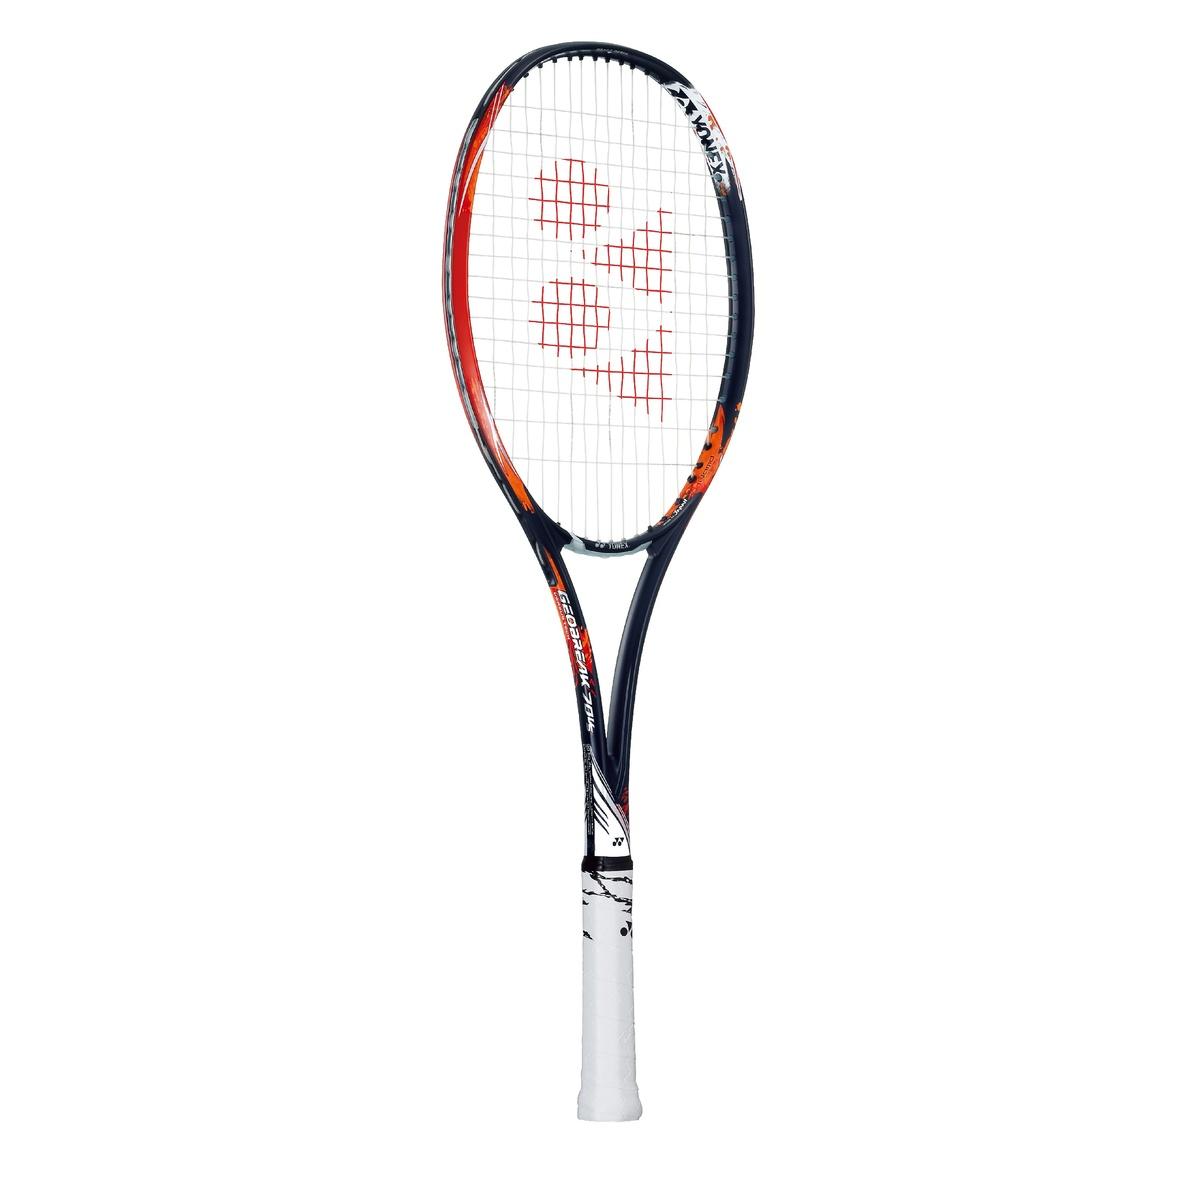 【送料無料】 YONEX (ヨネックス) 【フレームのみ】ソフトテニス フレームラケット ジオブレイク70VS GEO70VS  816